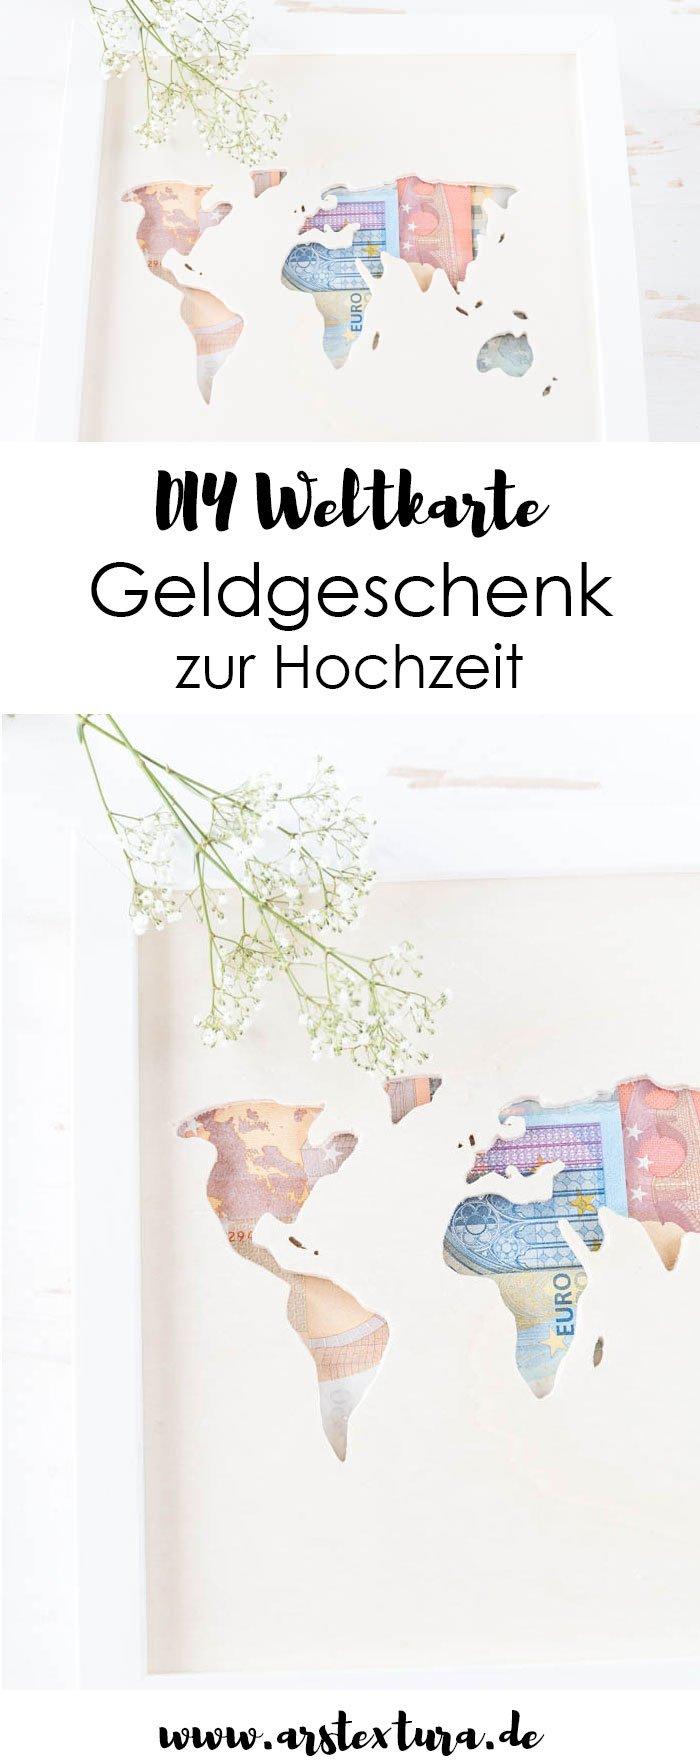 Geldgeschenk zur Hochzeit basteln - Ikea Hack: Ribba mit Weltkarte aus Holz und Geldscheinen - das perfekte DIY Geschenk zur Hochzeit basteln | ars textura - DIY Blog